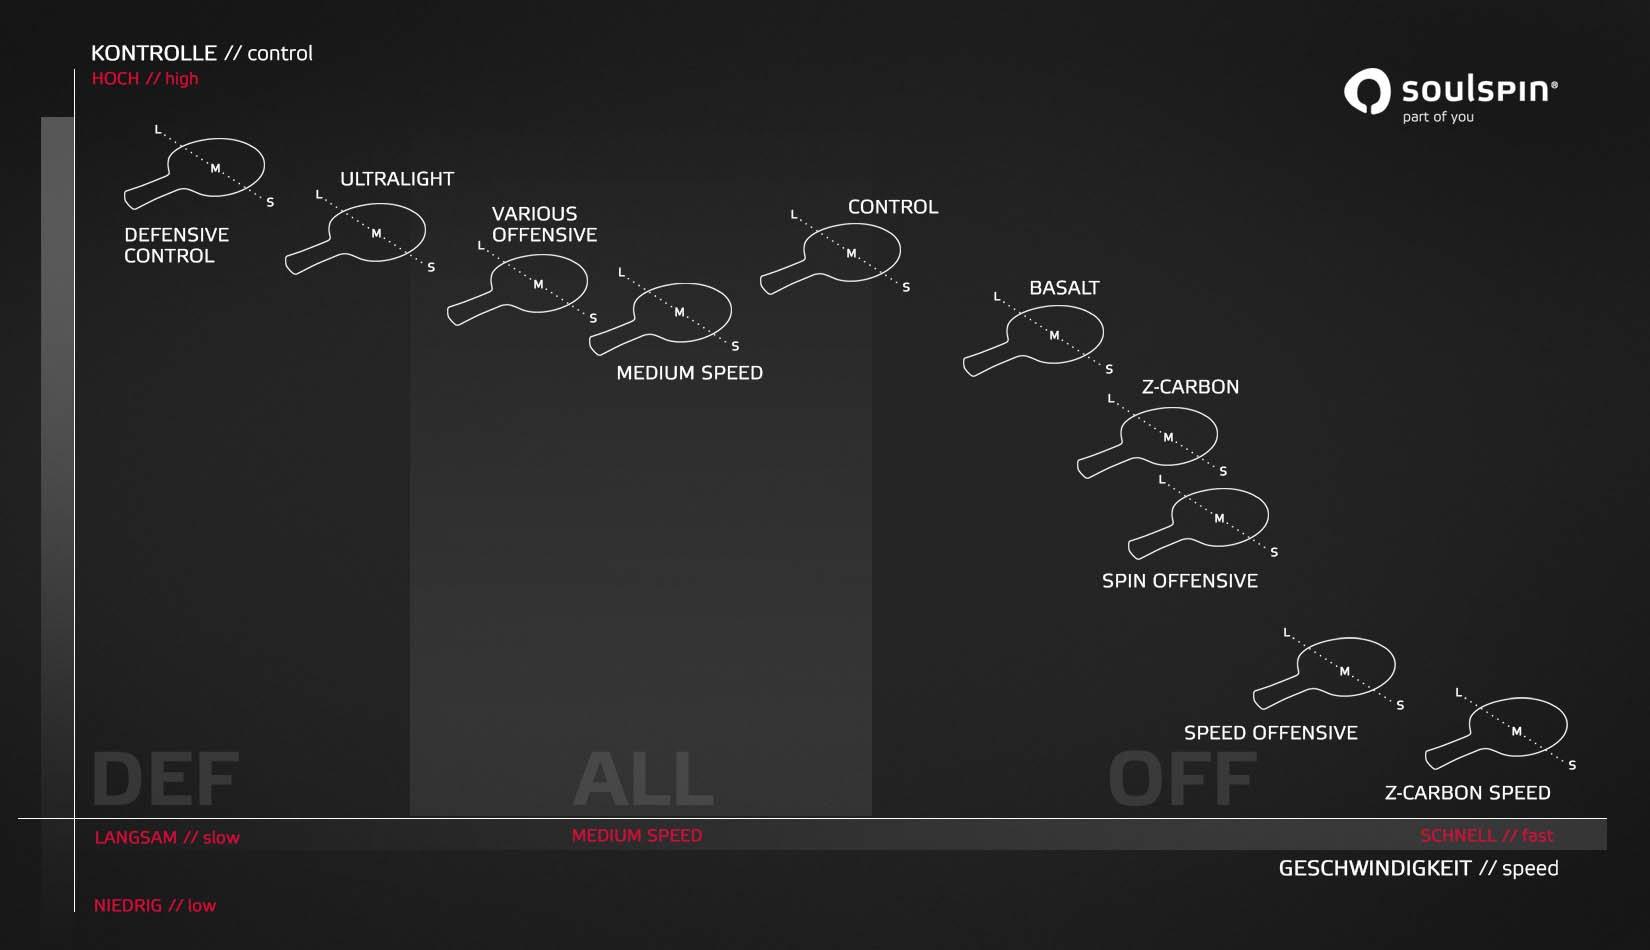 소울스핀 탁구 블레이드 속도와 컨트롤 성능에 따른 블레이드 비교